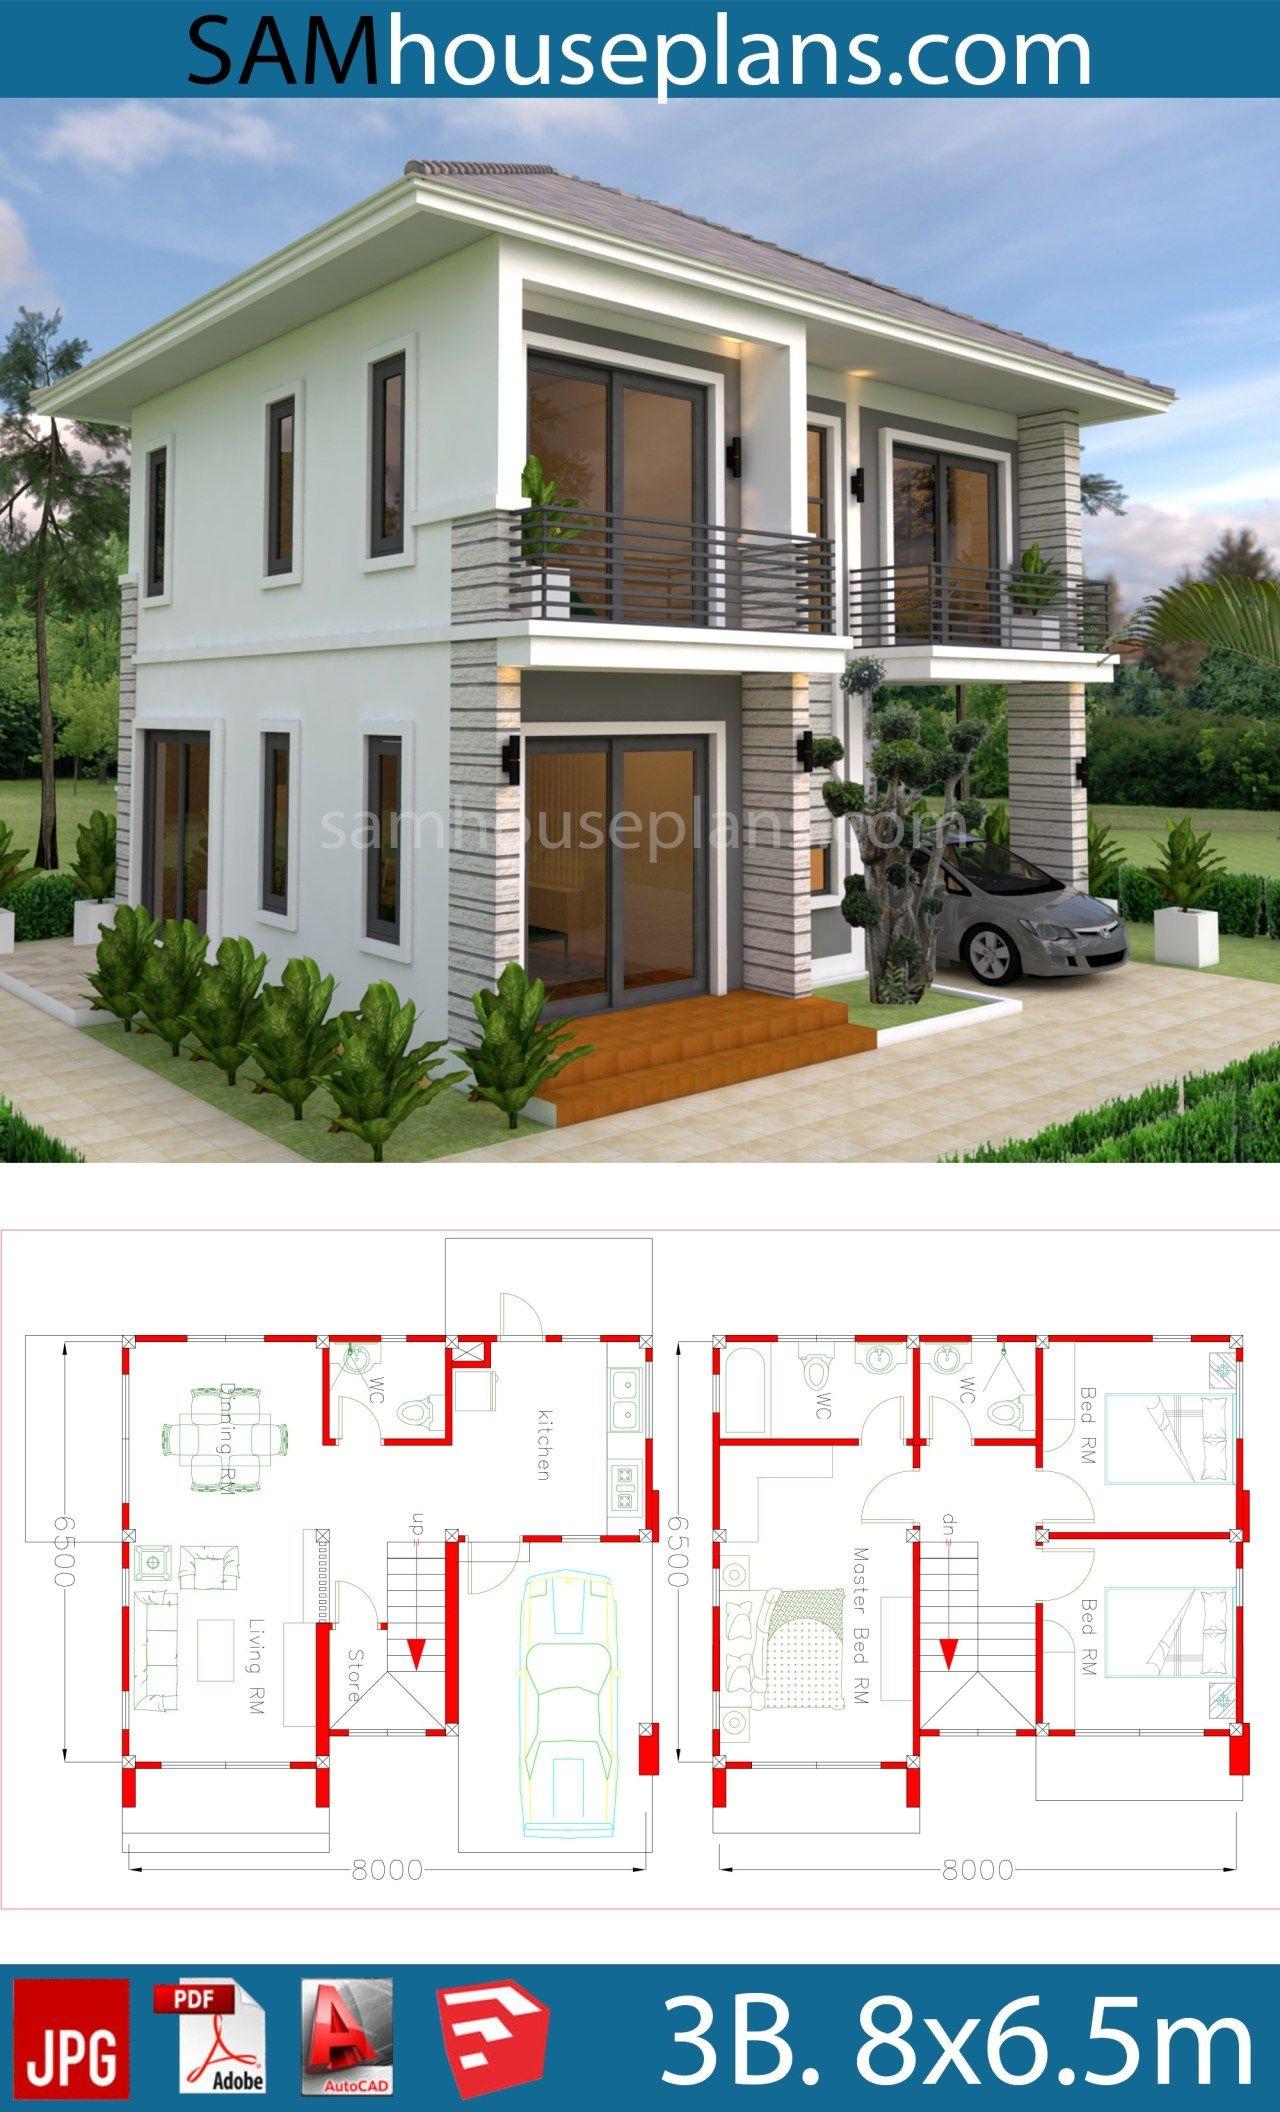 House Plans 8x6 5m With 3 Bedrooms Plan Maison Architecte Plans